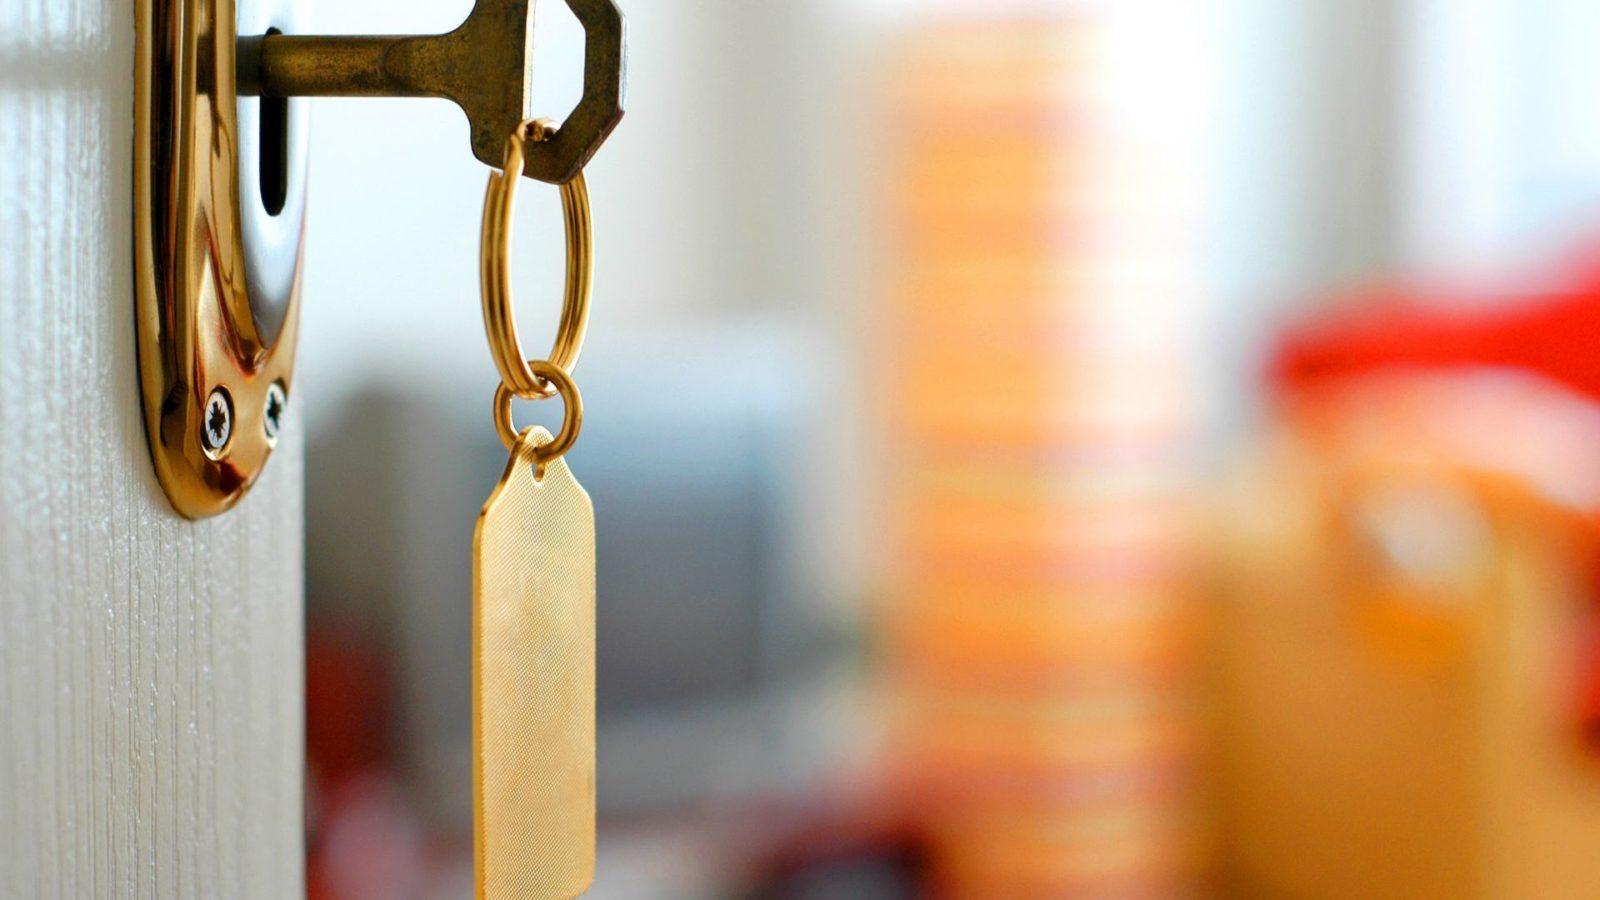 photo d'une clef sur une porte